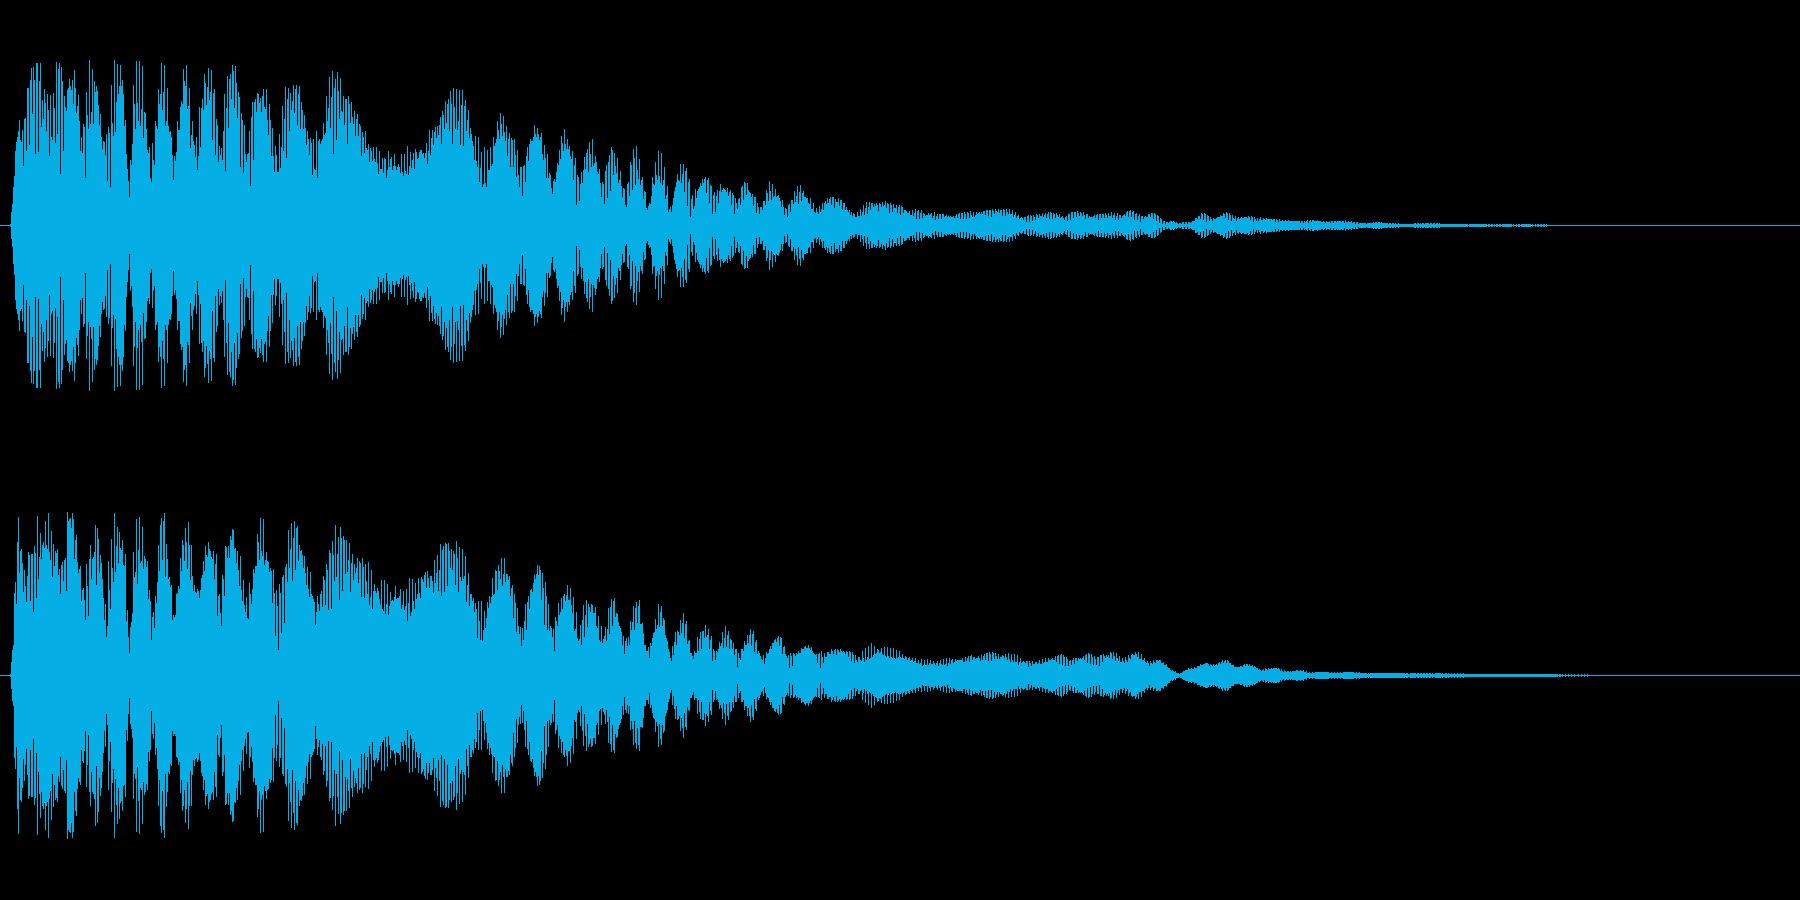 キーン(強く光る音)の再生済みの波形